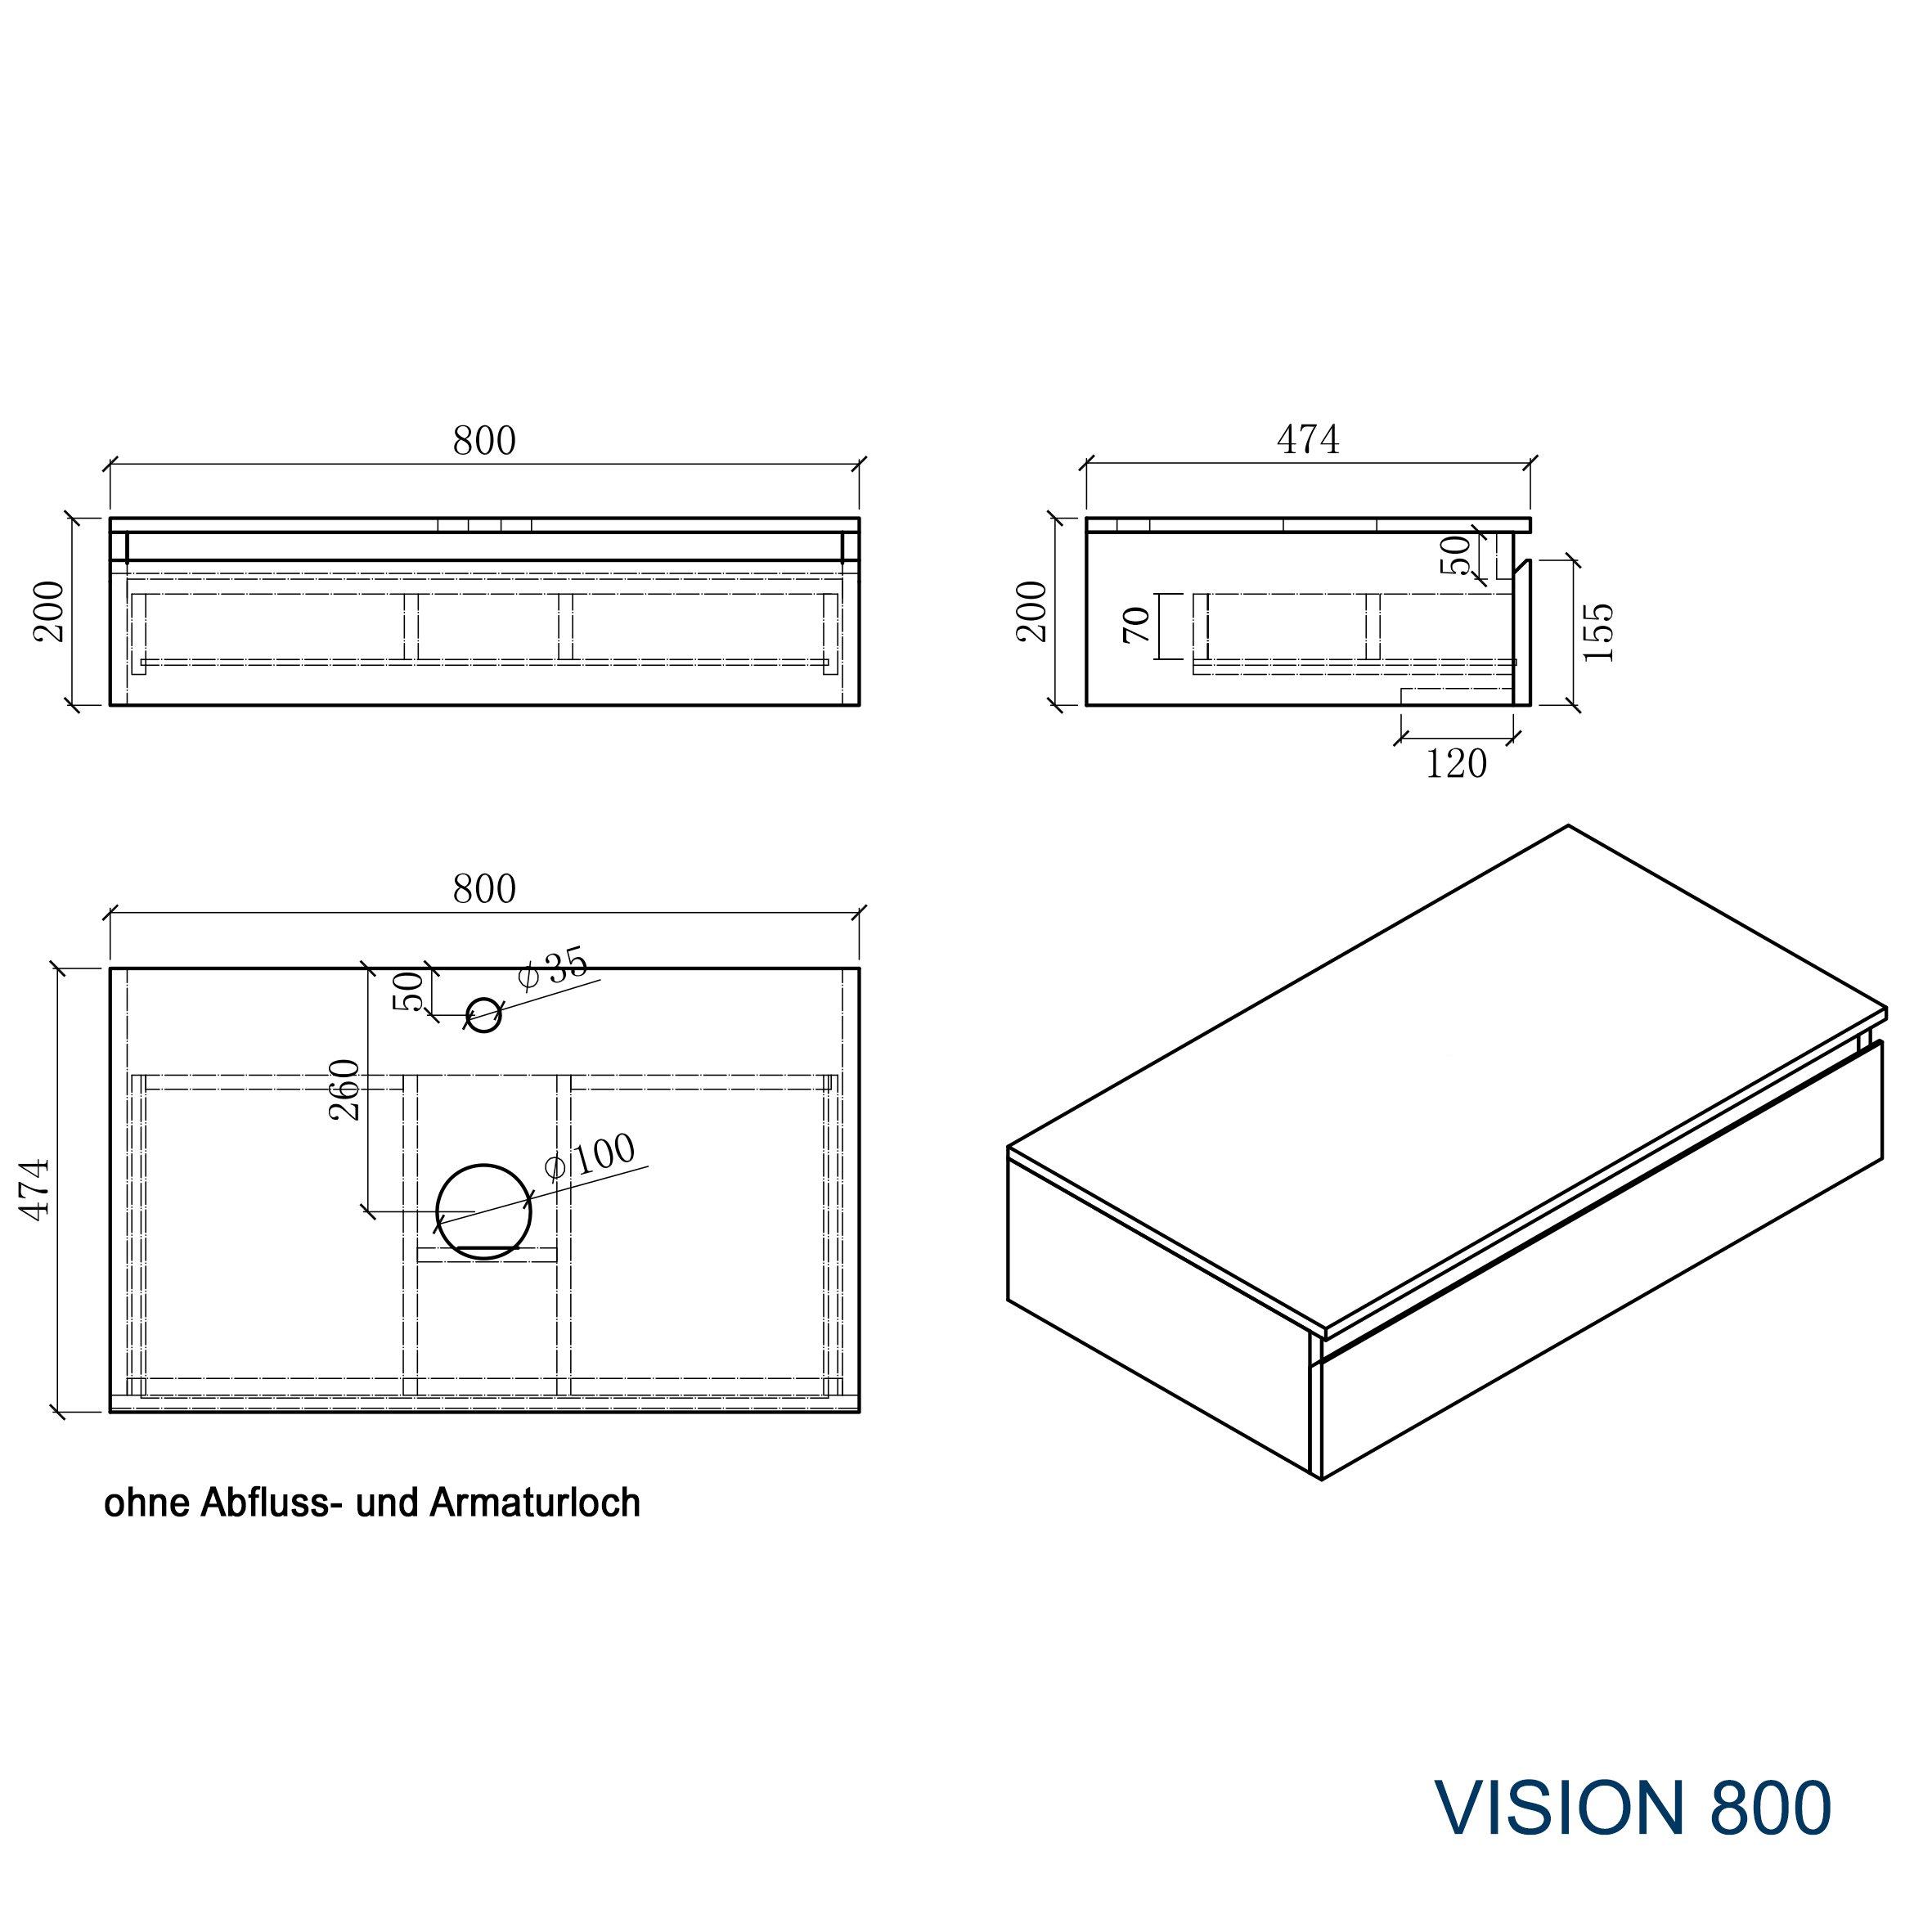 Badmöbel Vision 800 Weiß matt - Spiegel und Aufsatzwaschbecken optional zoom thumbnail 4